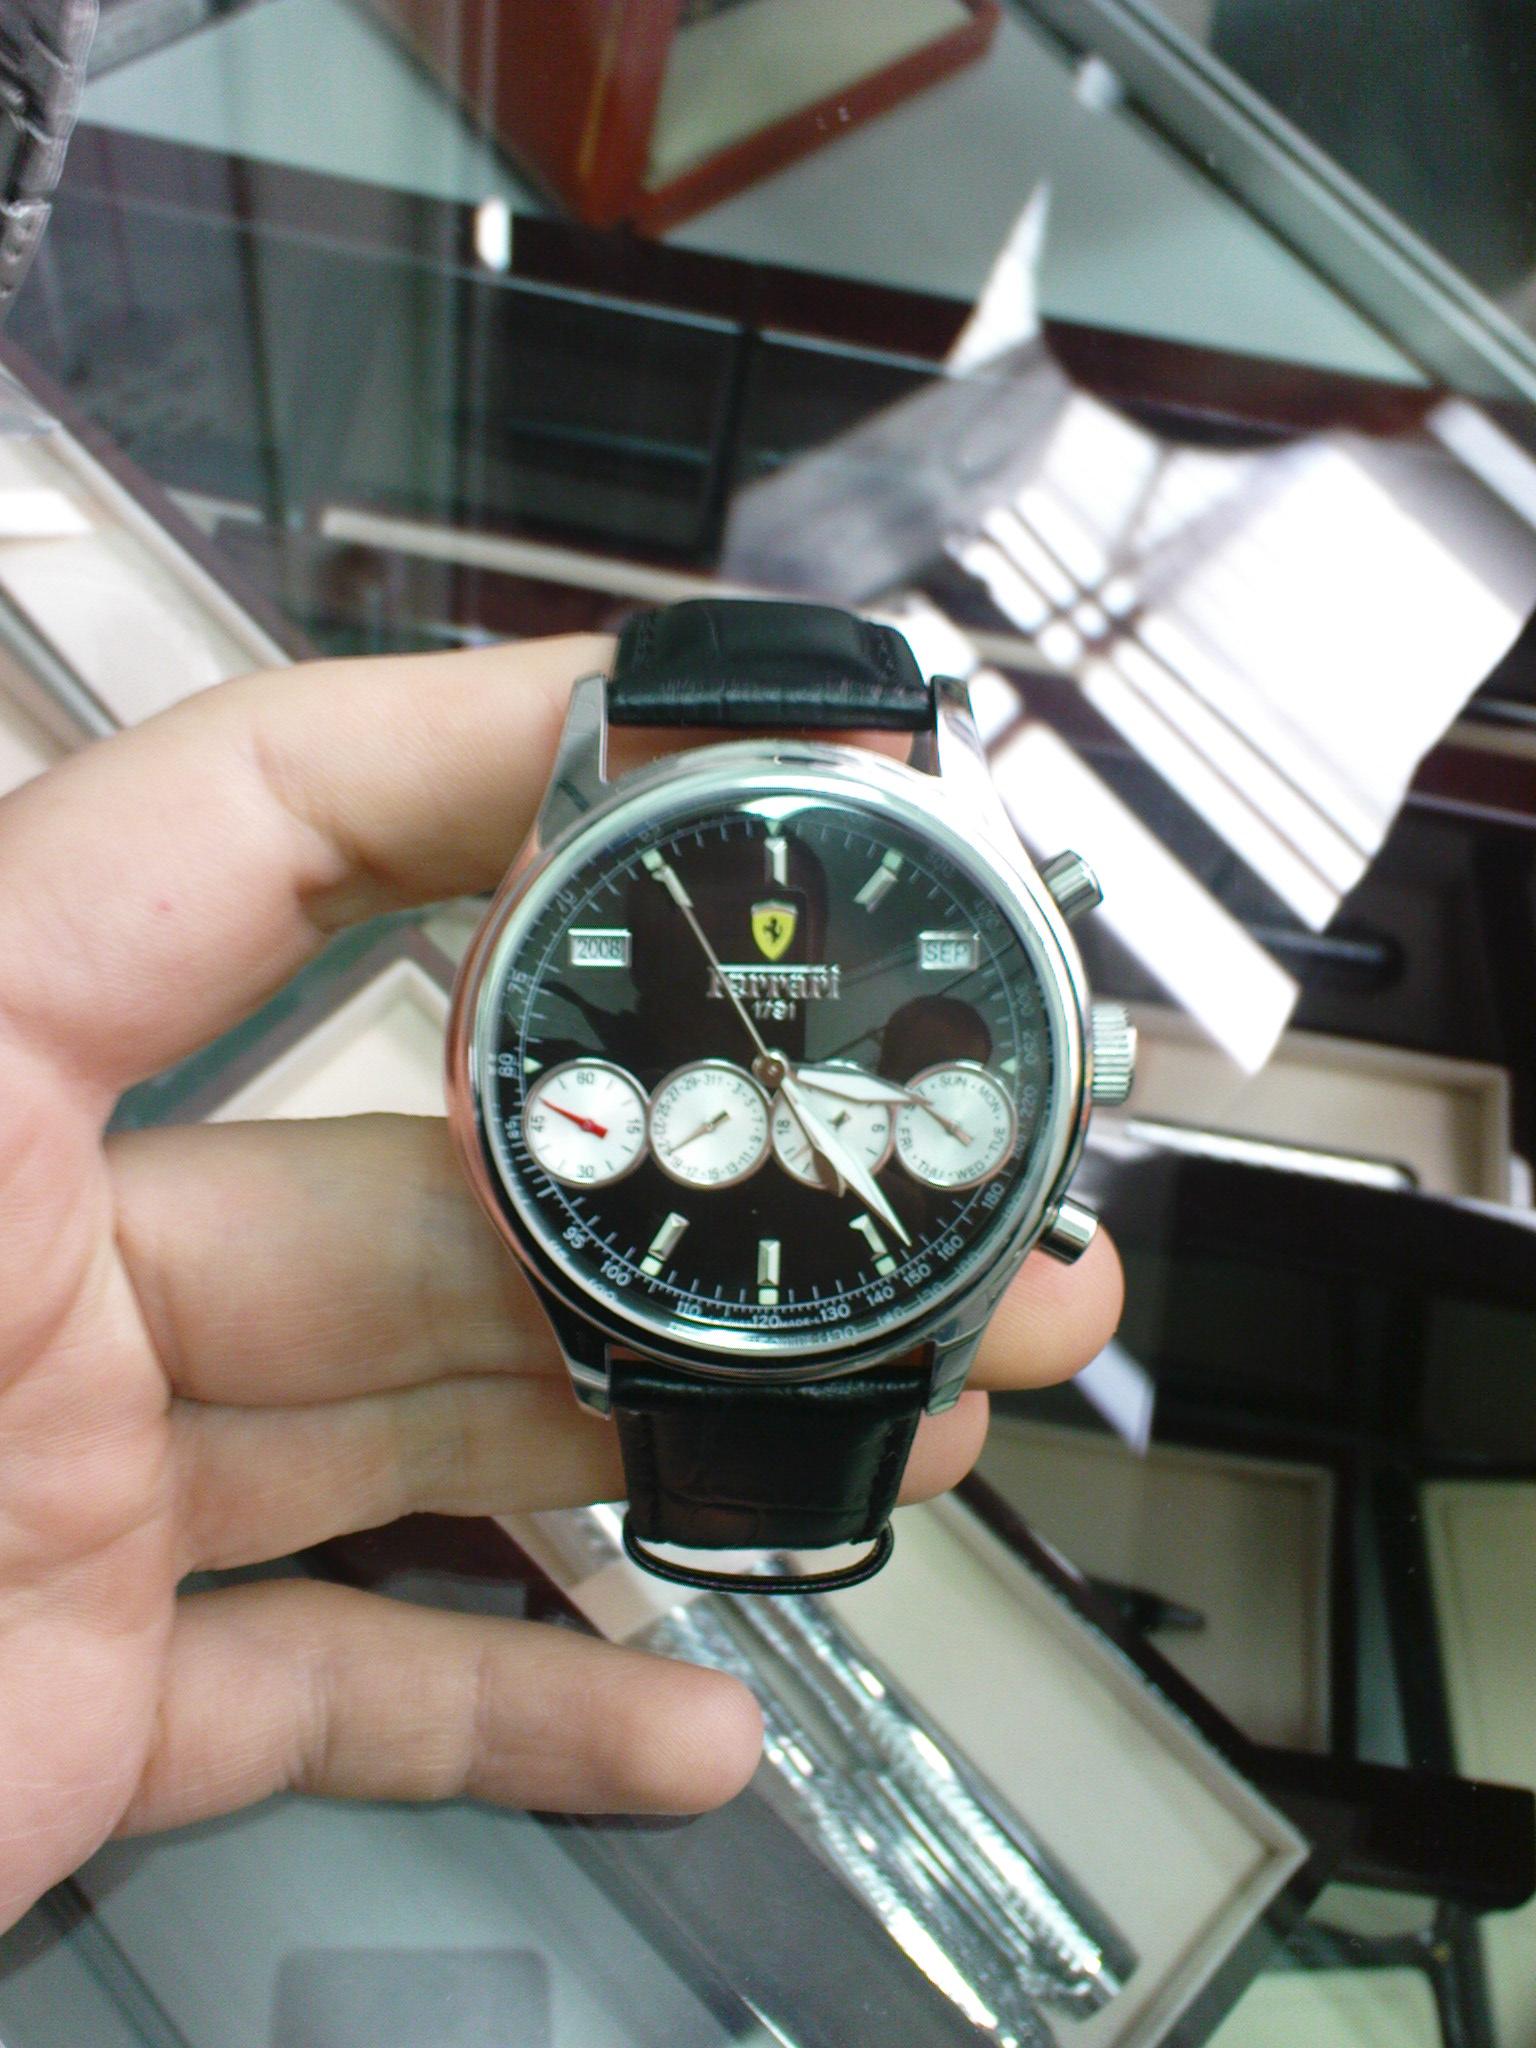 В 2014 году будет довольно легко подобрать часы по своему вкусу, мода удовлетворит даже самый взыскательный вкус